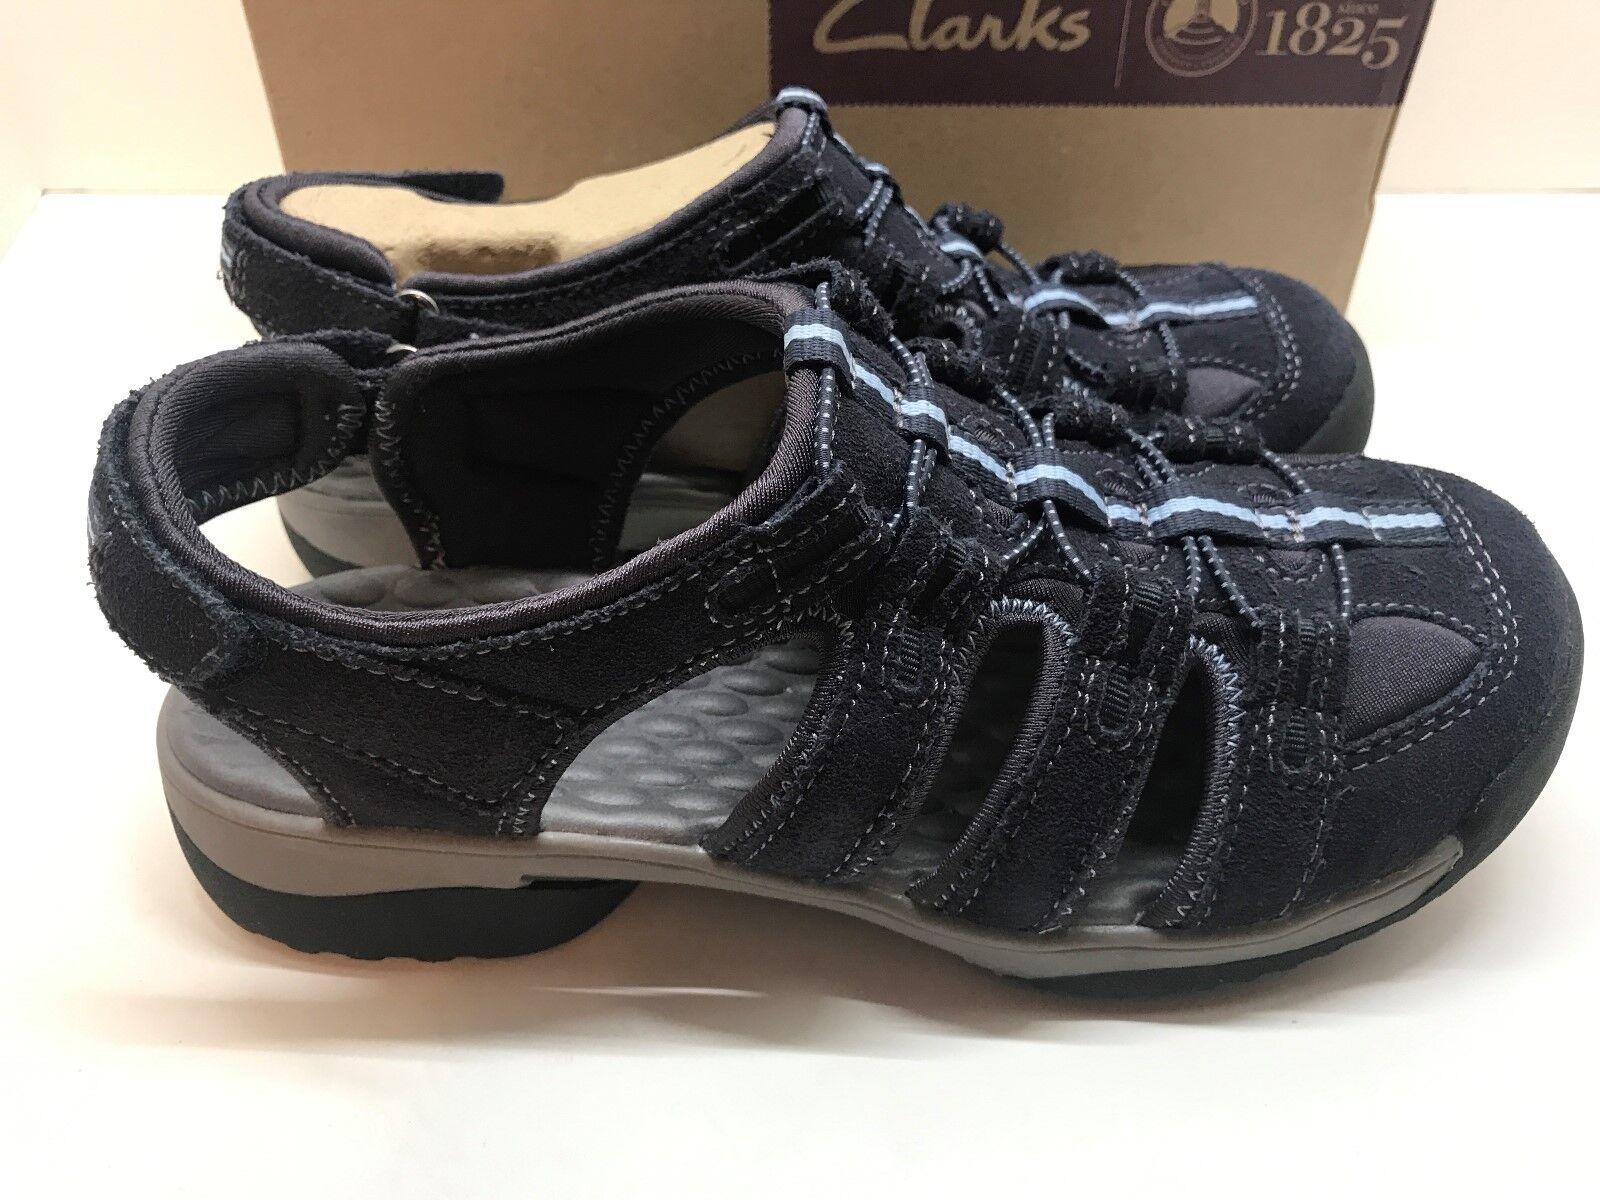 Senza tasse Clarks Donna's Vapor Mist Navy Navy Navy blu Comfortable Sandals Dimensione 6   New  economico